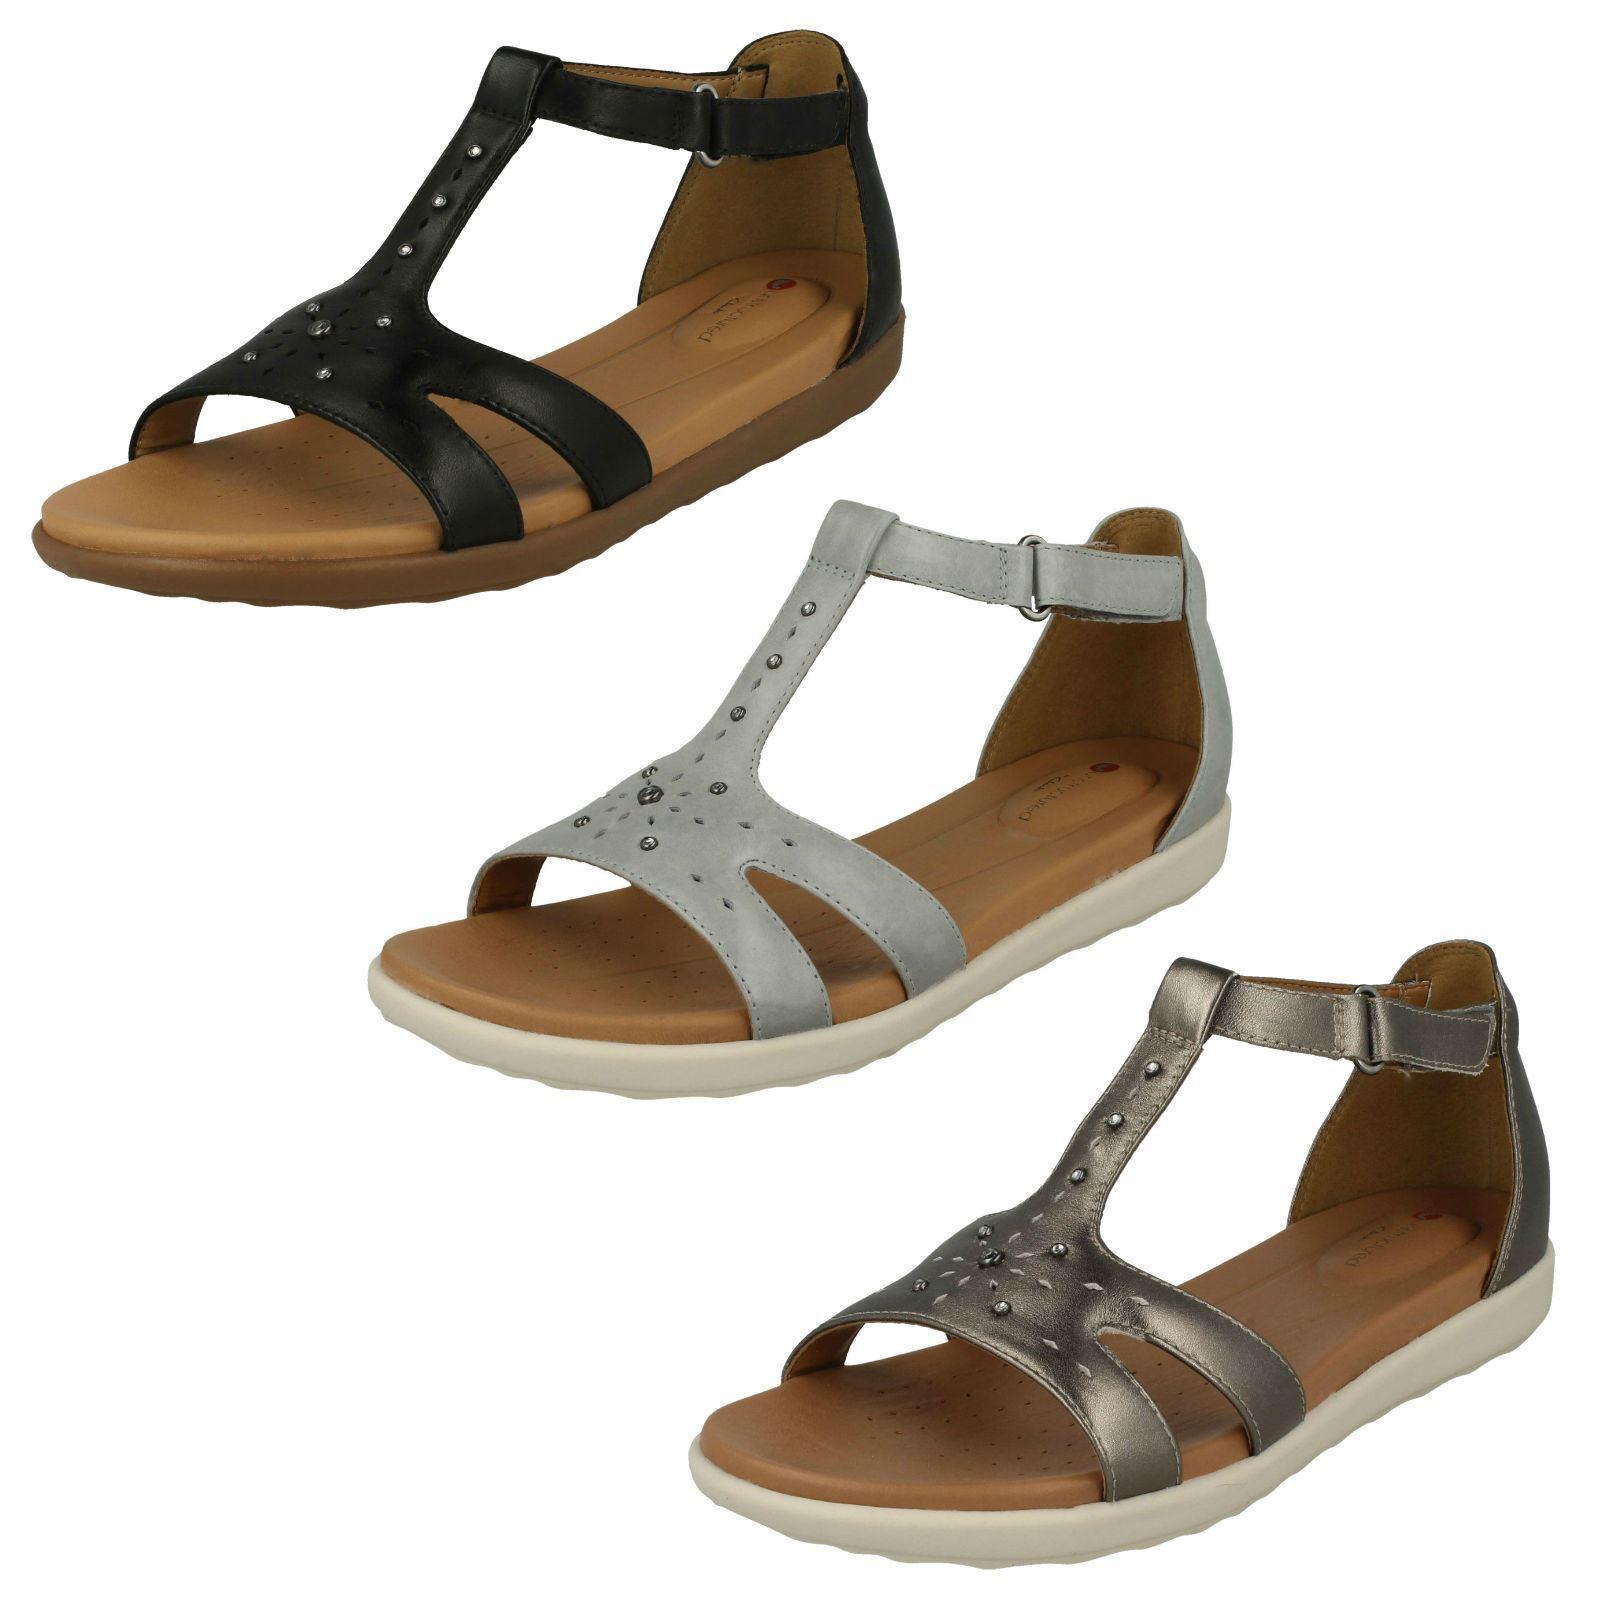 Signore Clarks ONU Sandalo Sandalo Sandalo Con Cinturini ONU Clarks reisel Mara   7e5af4